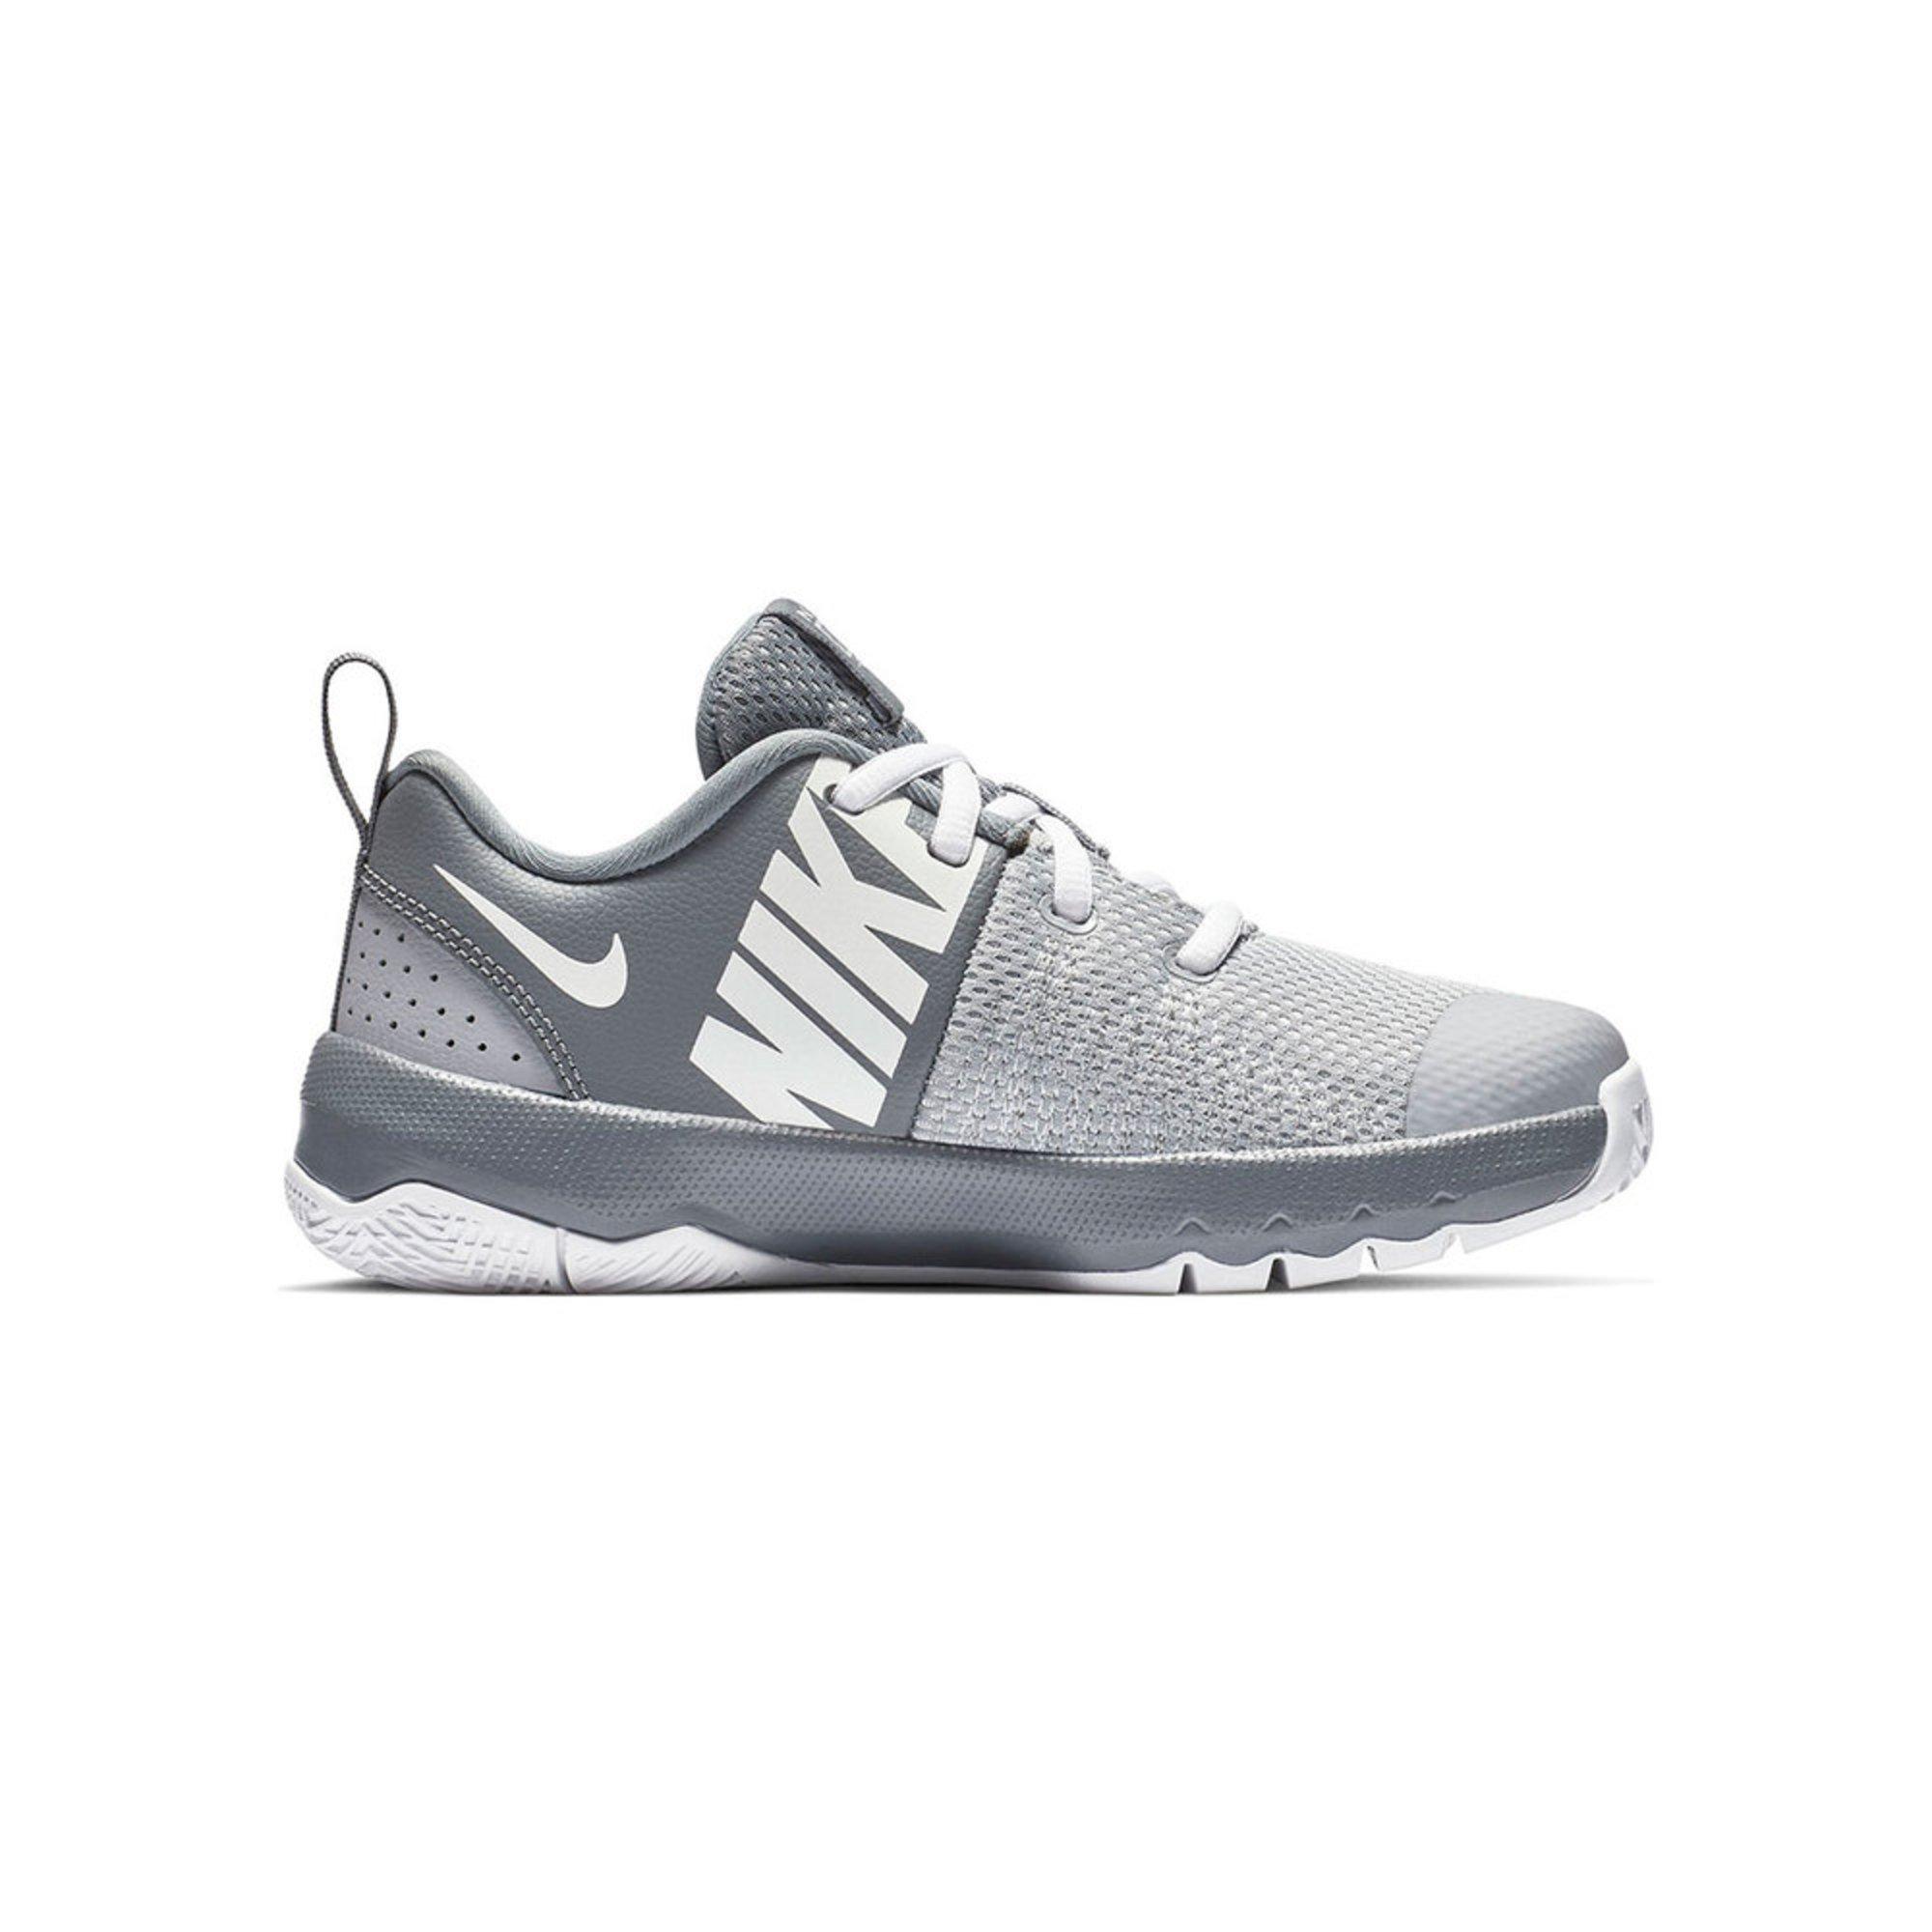 8af28d1d0c9a Nike Boys Team Hustle Quick Basketball Shoe (little Kid)